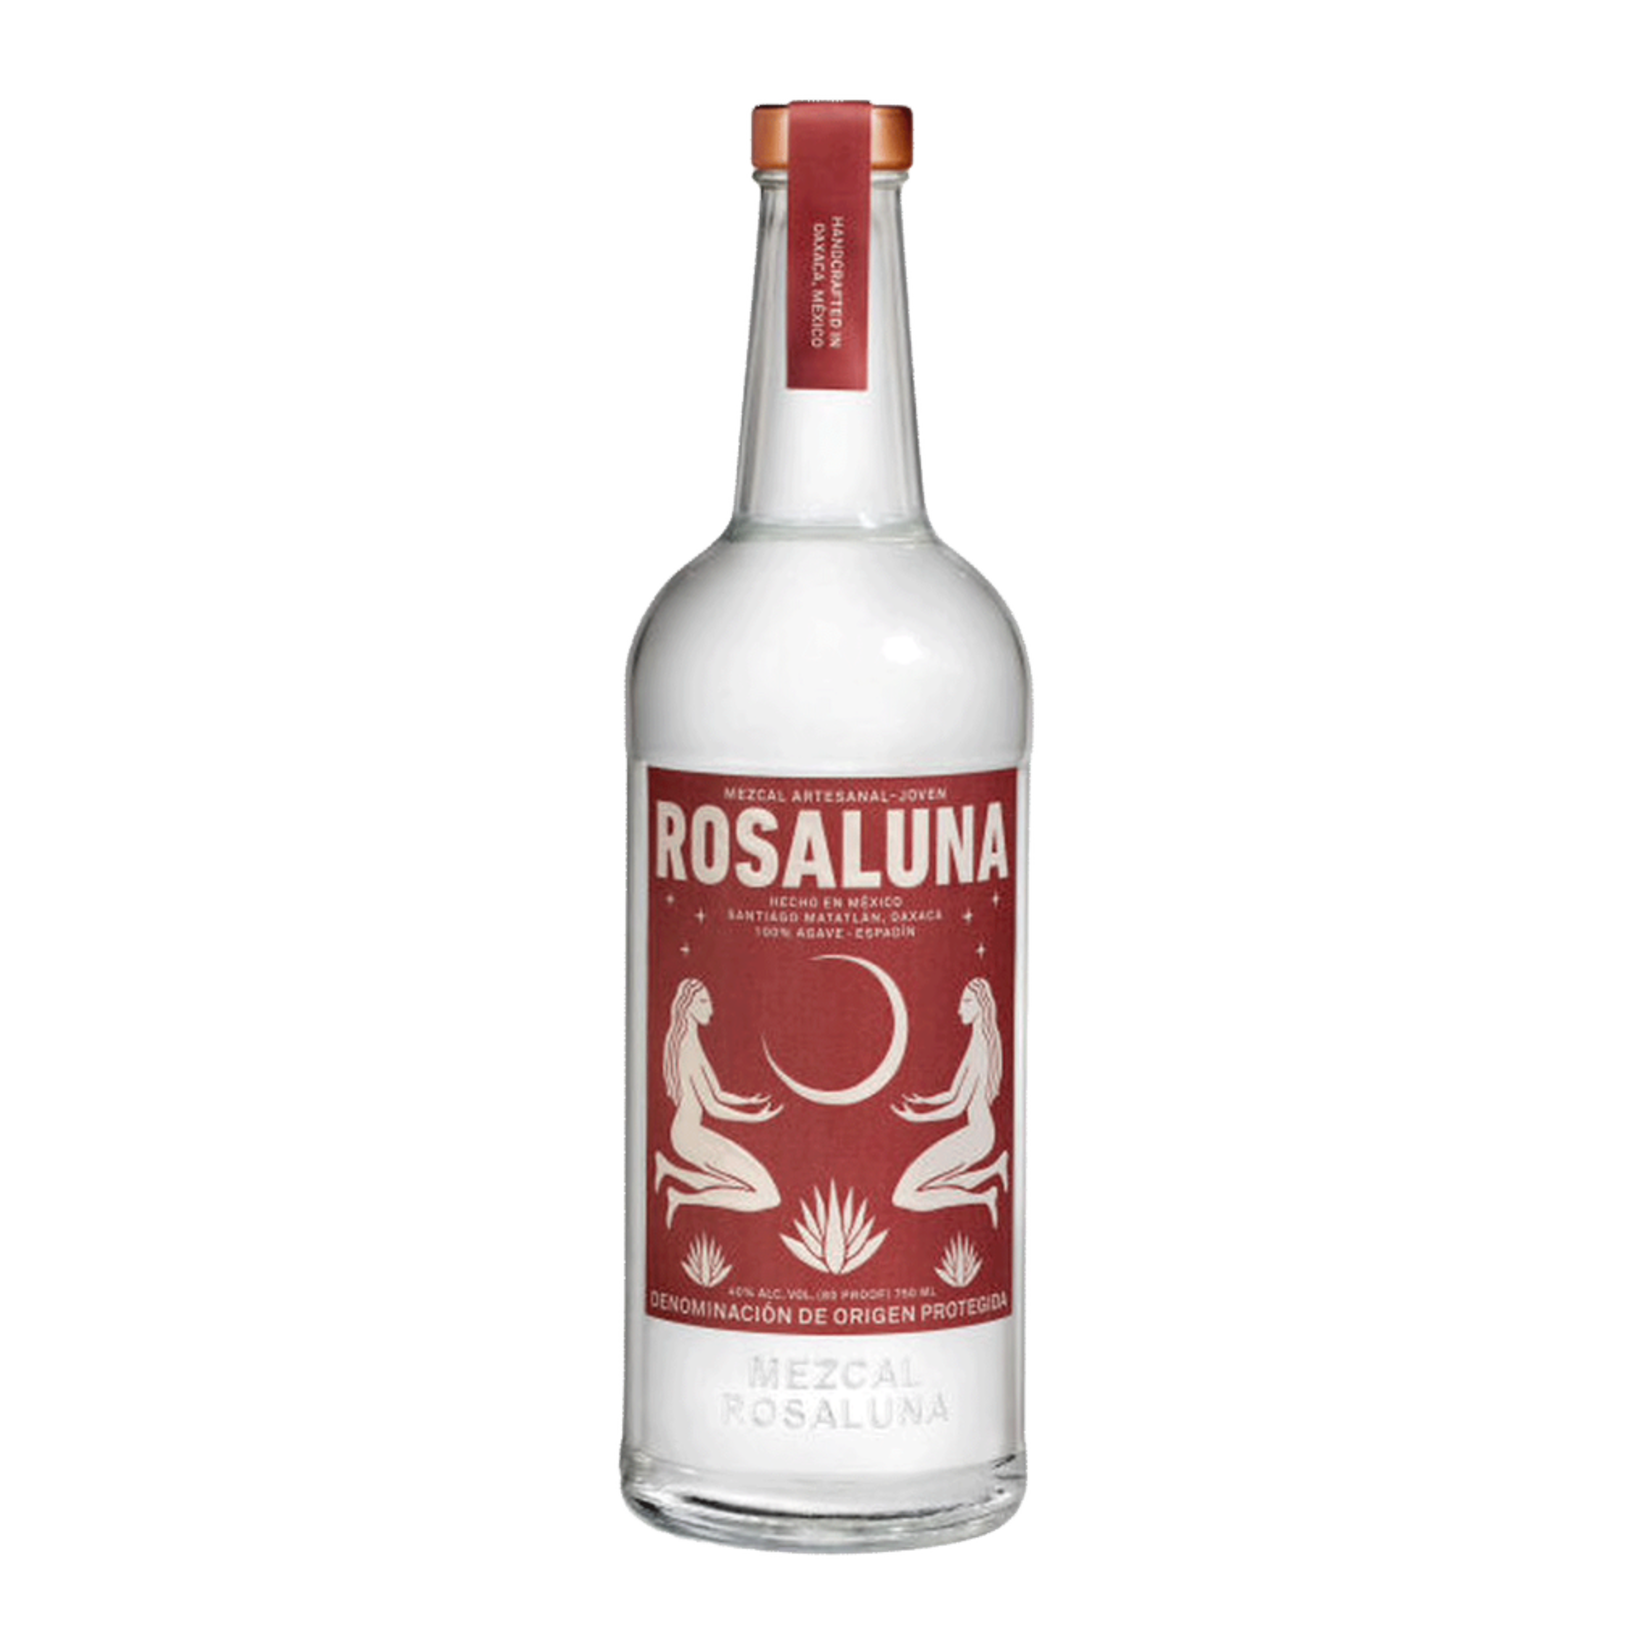 Spirits Rosaluna Artesanal Mezcal Joven Espadin